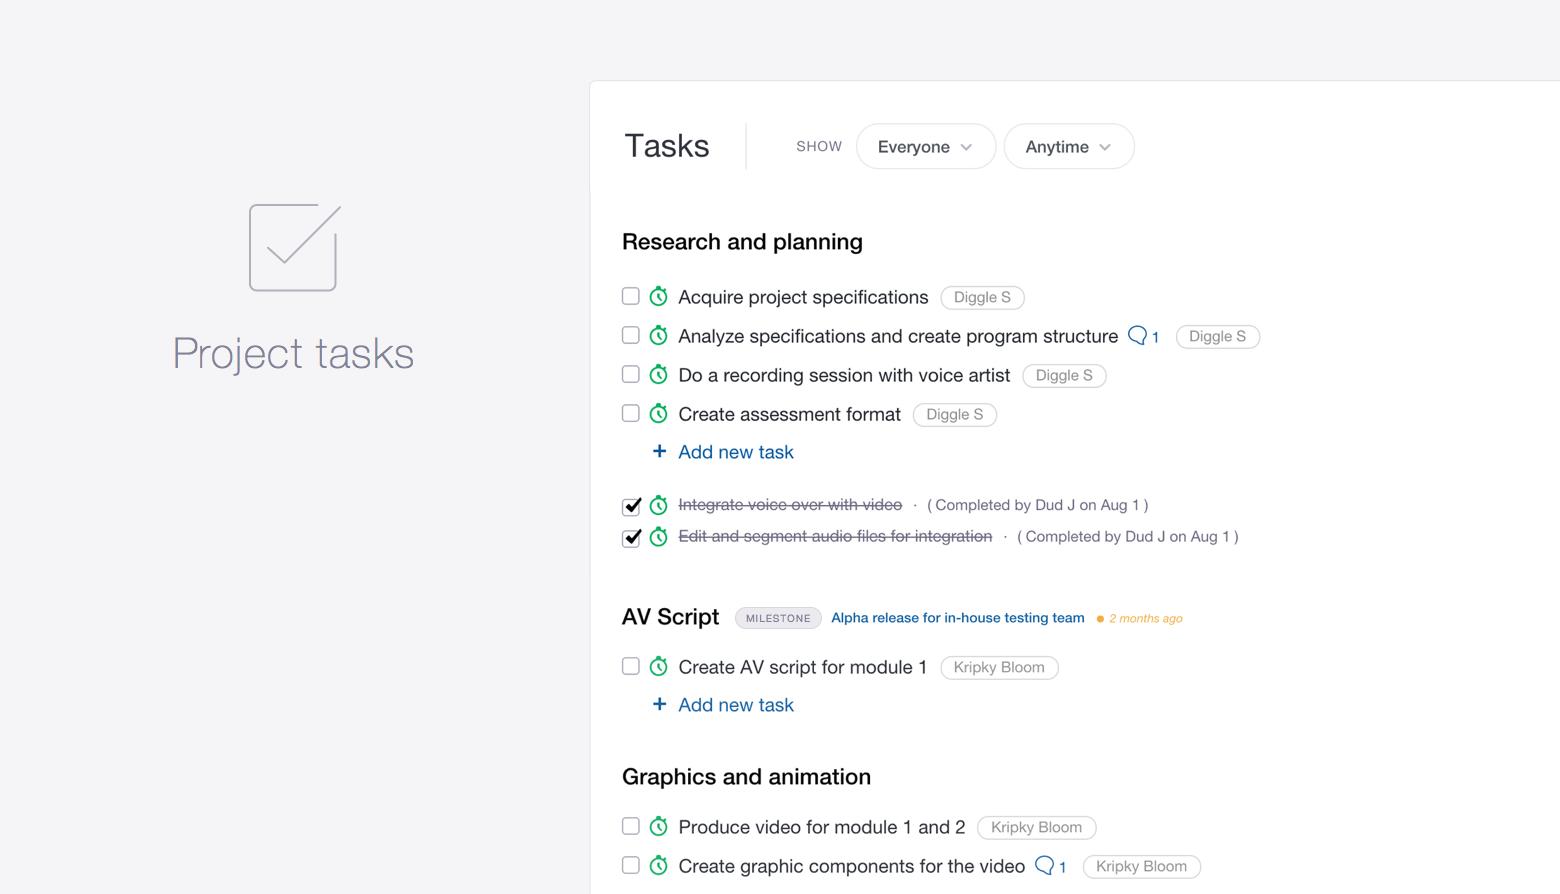 pm-tasks